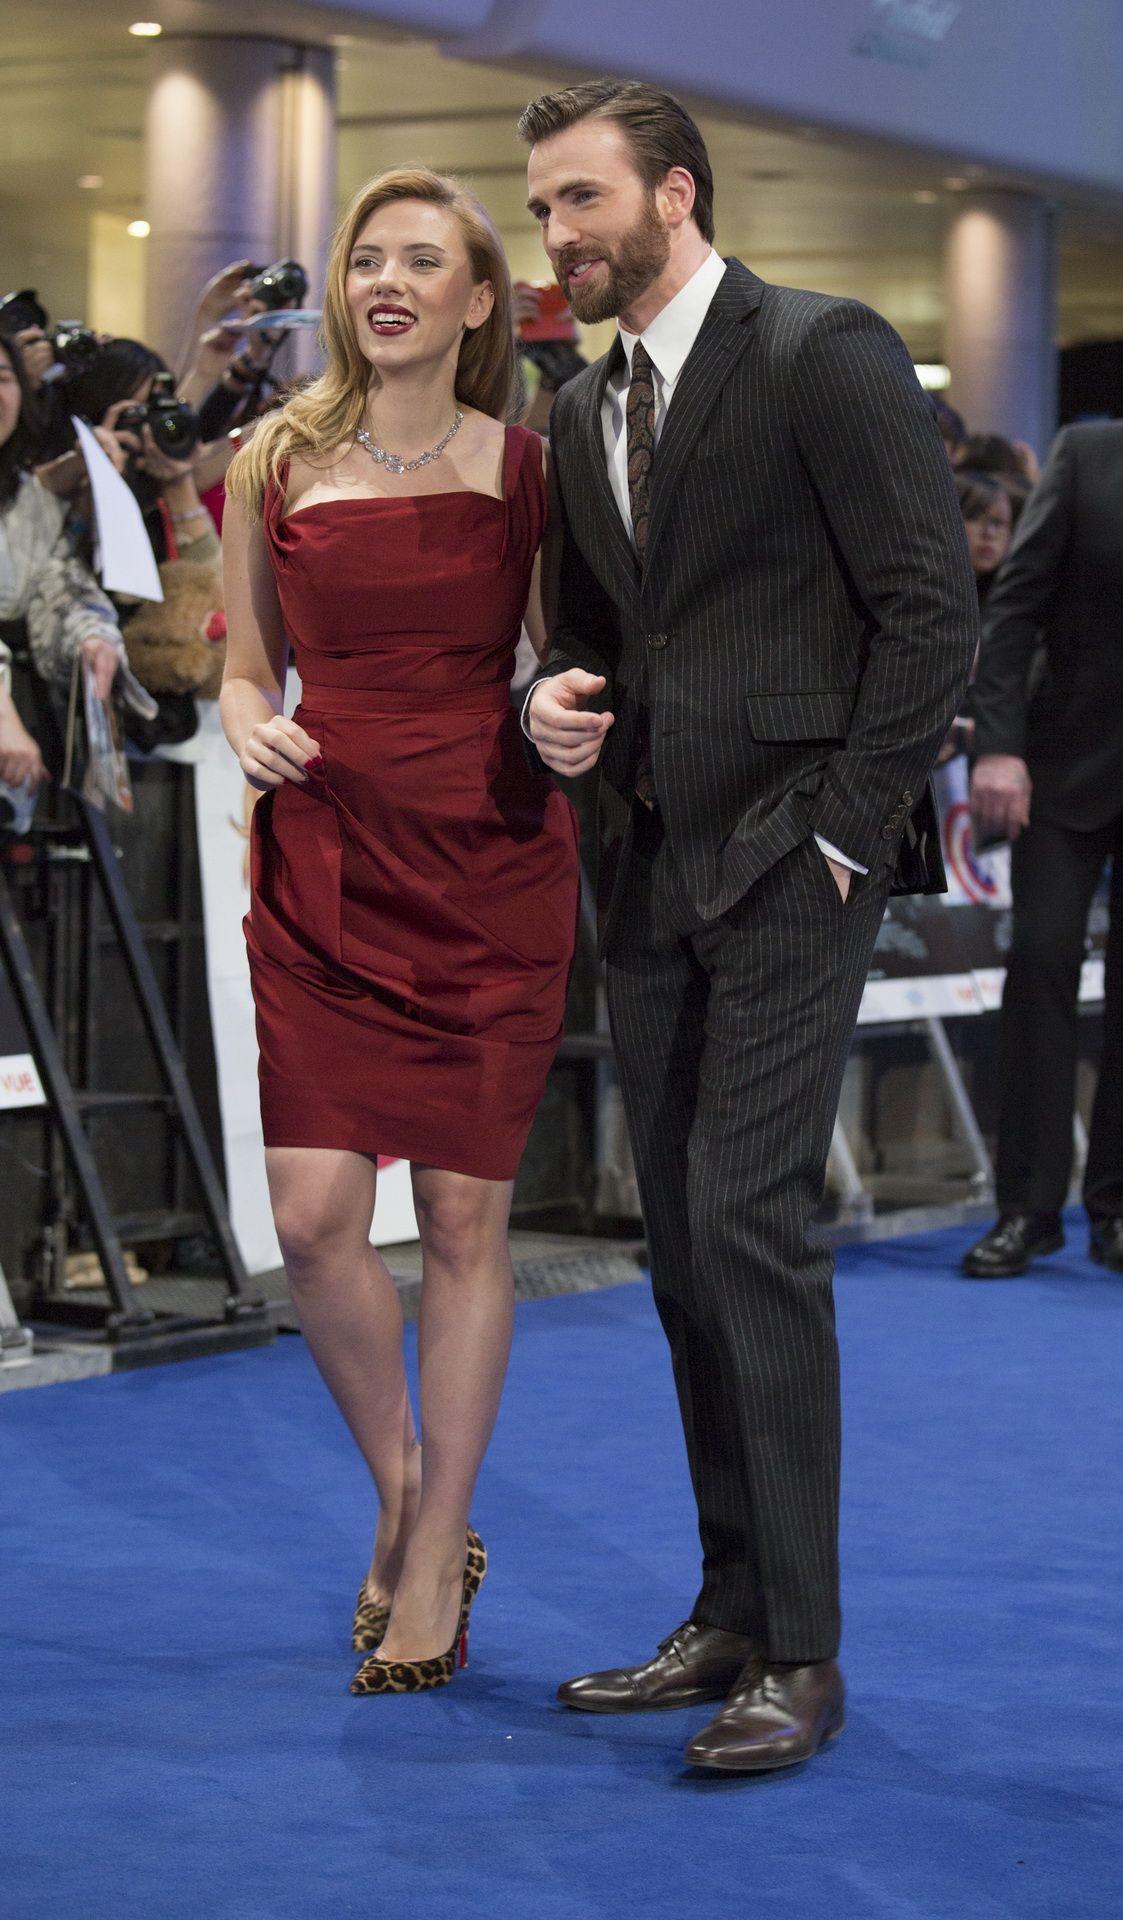 It S All About Chris Evans Tws Uk Premiere Chris Evans Scarlett Johansson Chris Evans Chris Evans Captain America